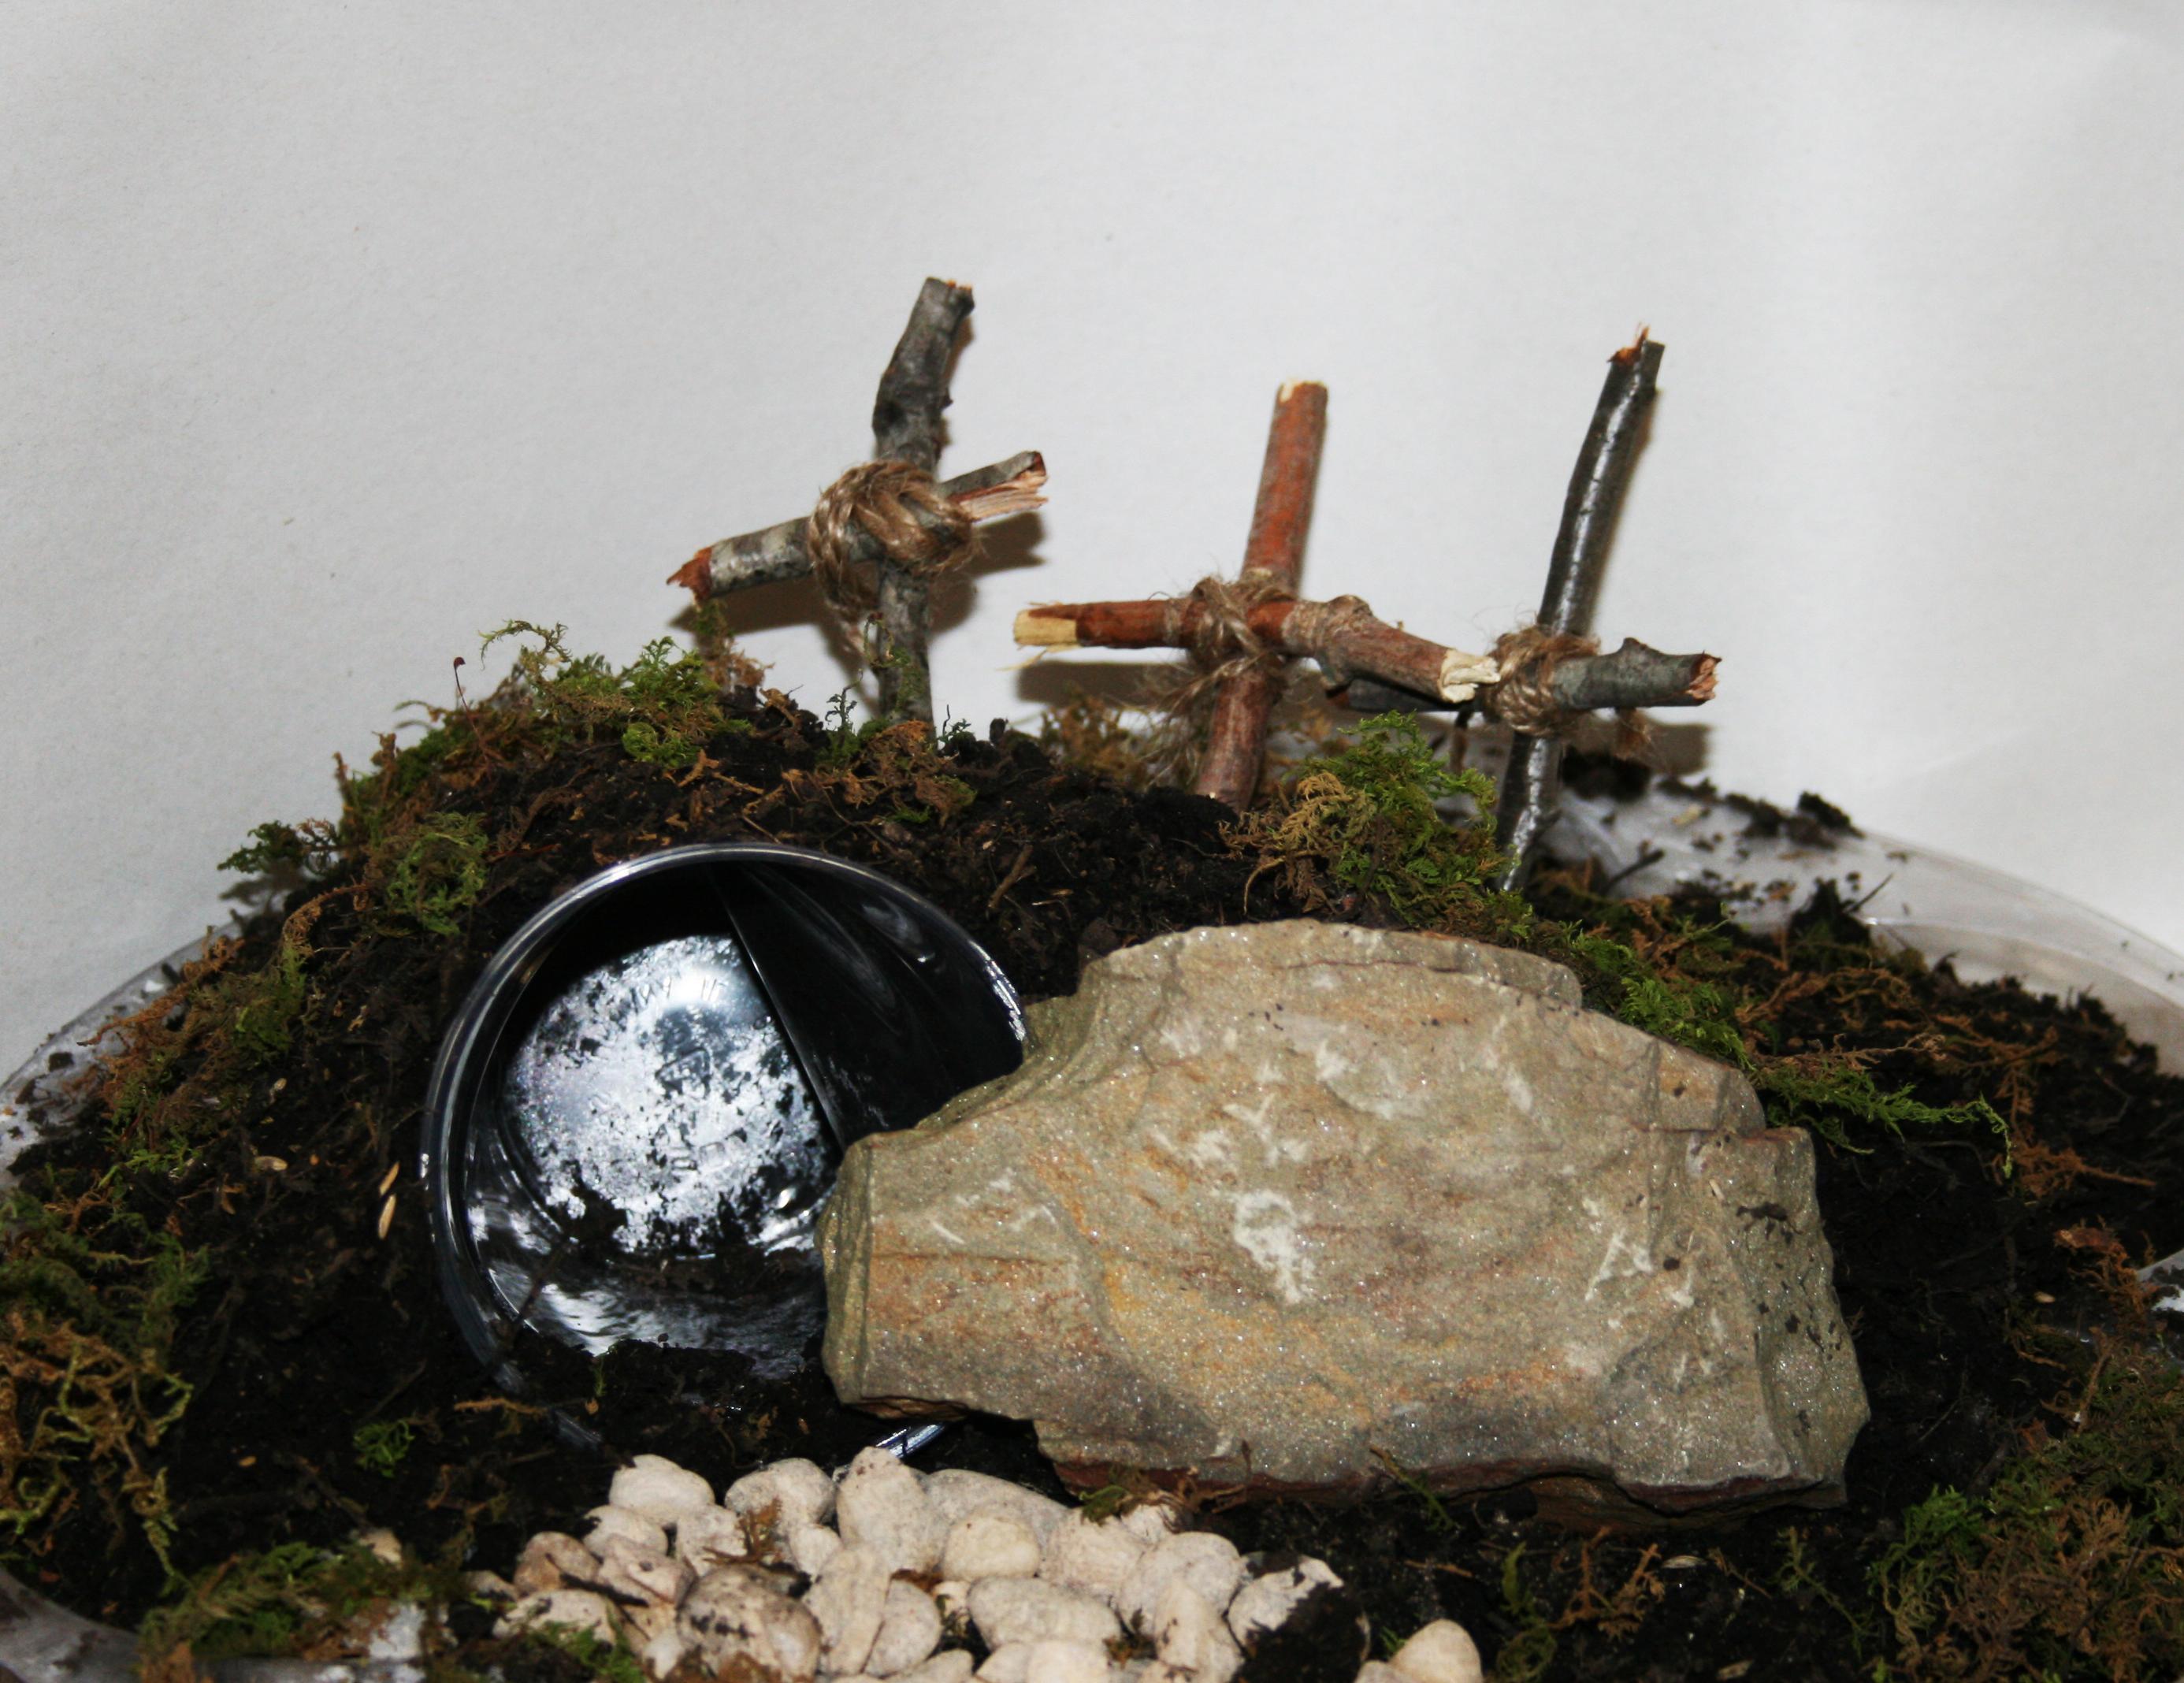 Easter gardens